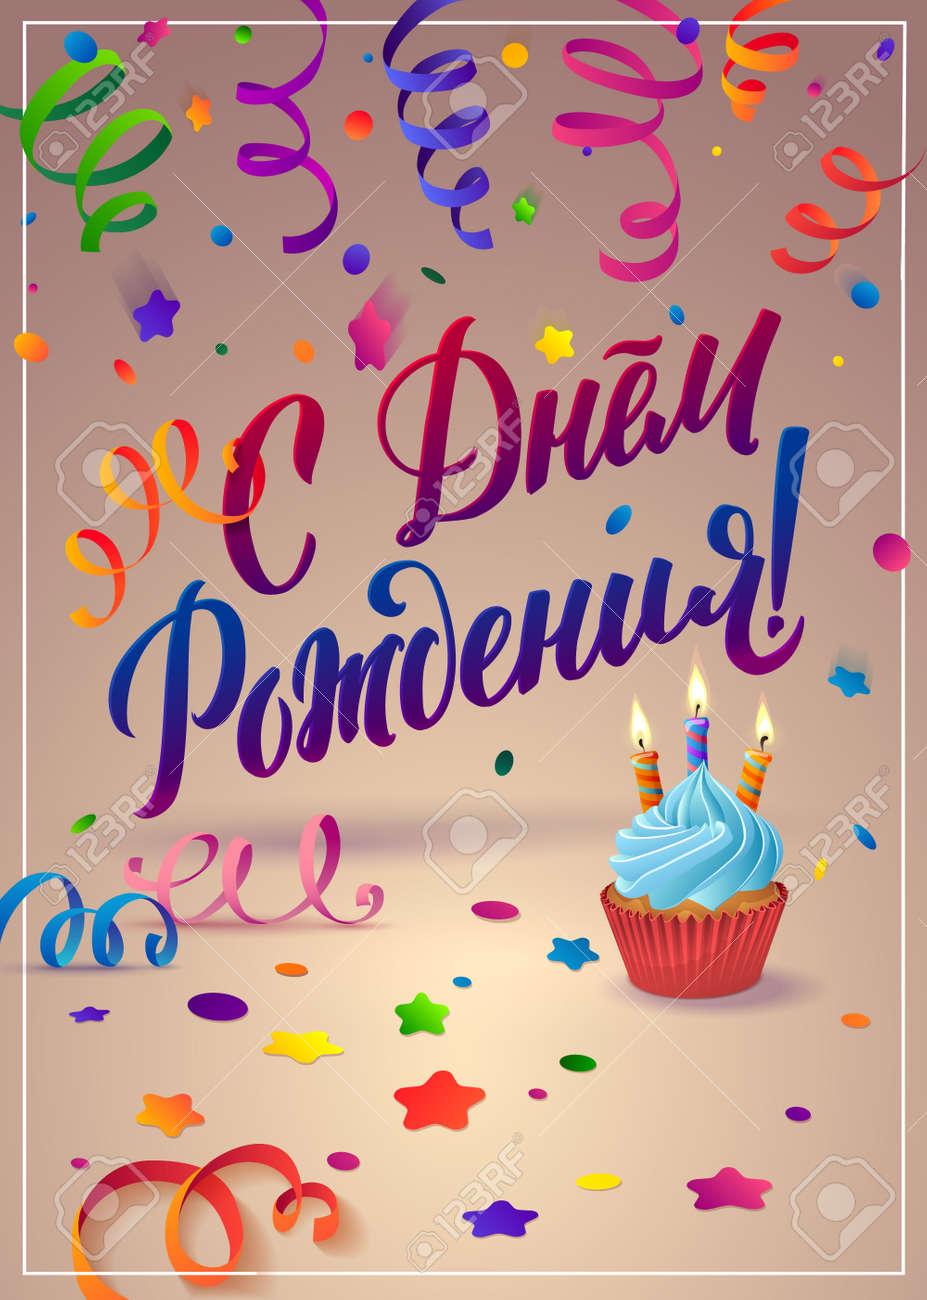 Alles Gute Zum Geburtstag Russische Kalligraphie Grußkarte Band